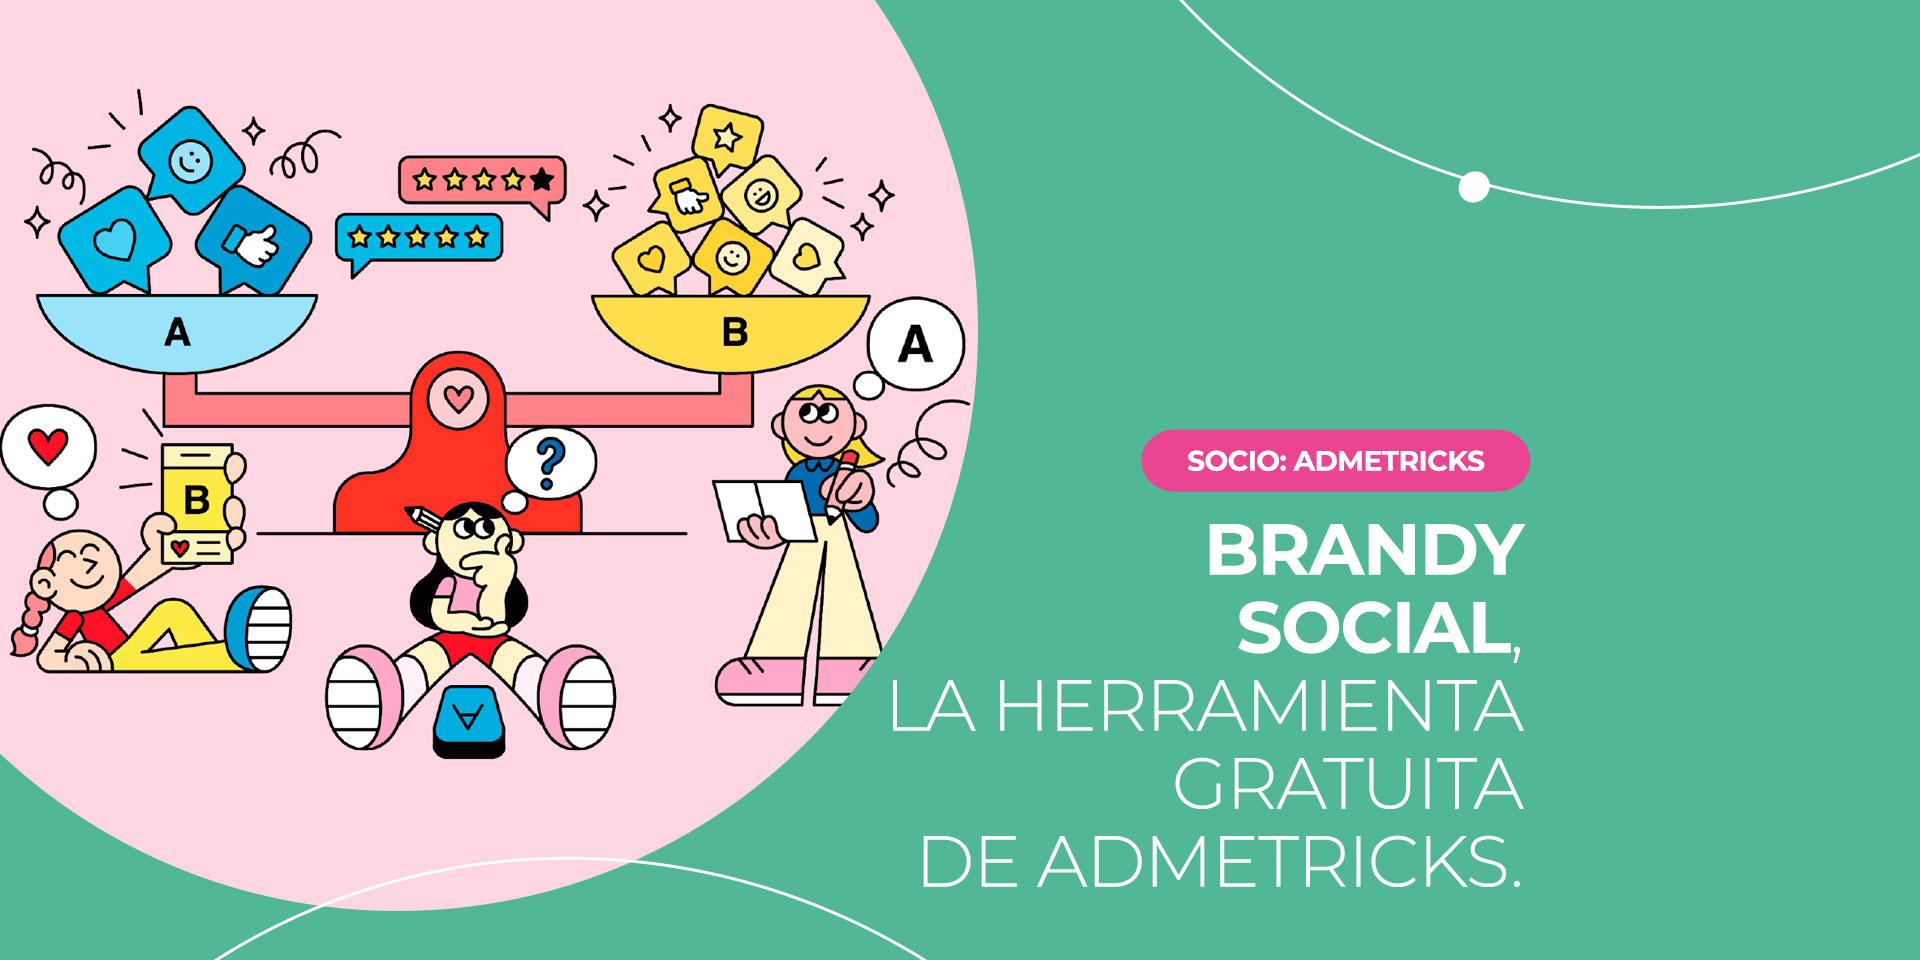 Admetricks_brandy social